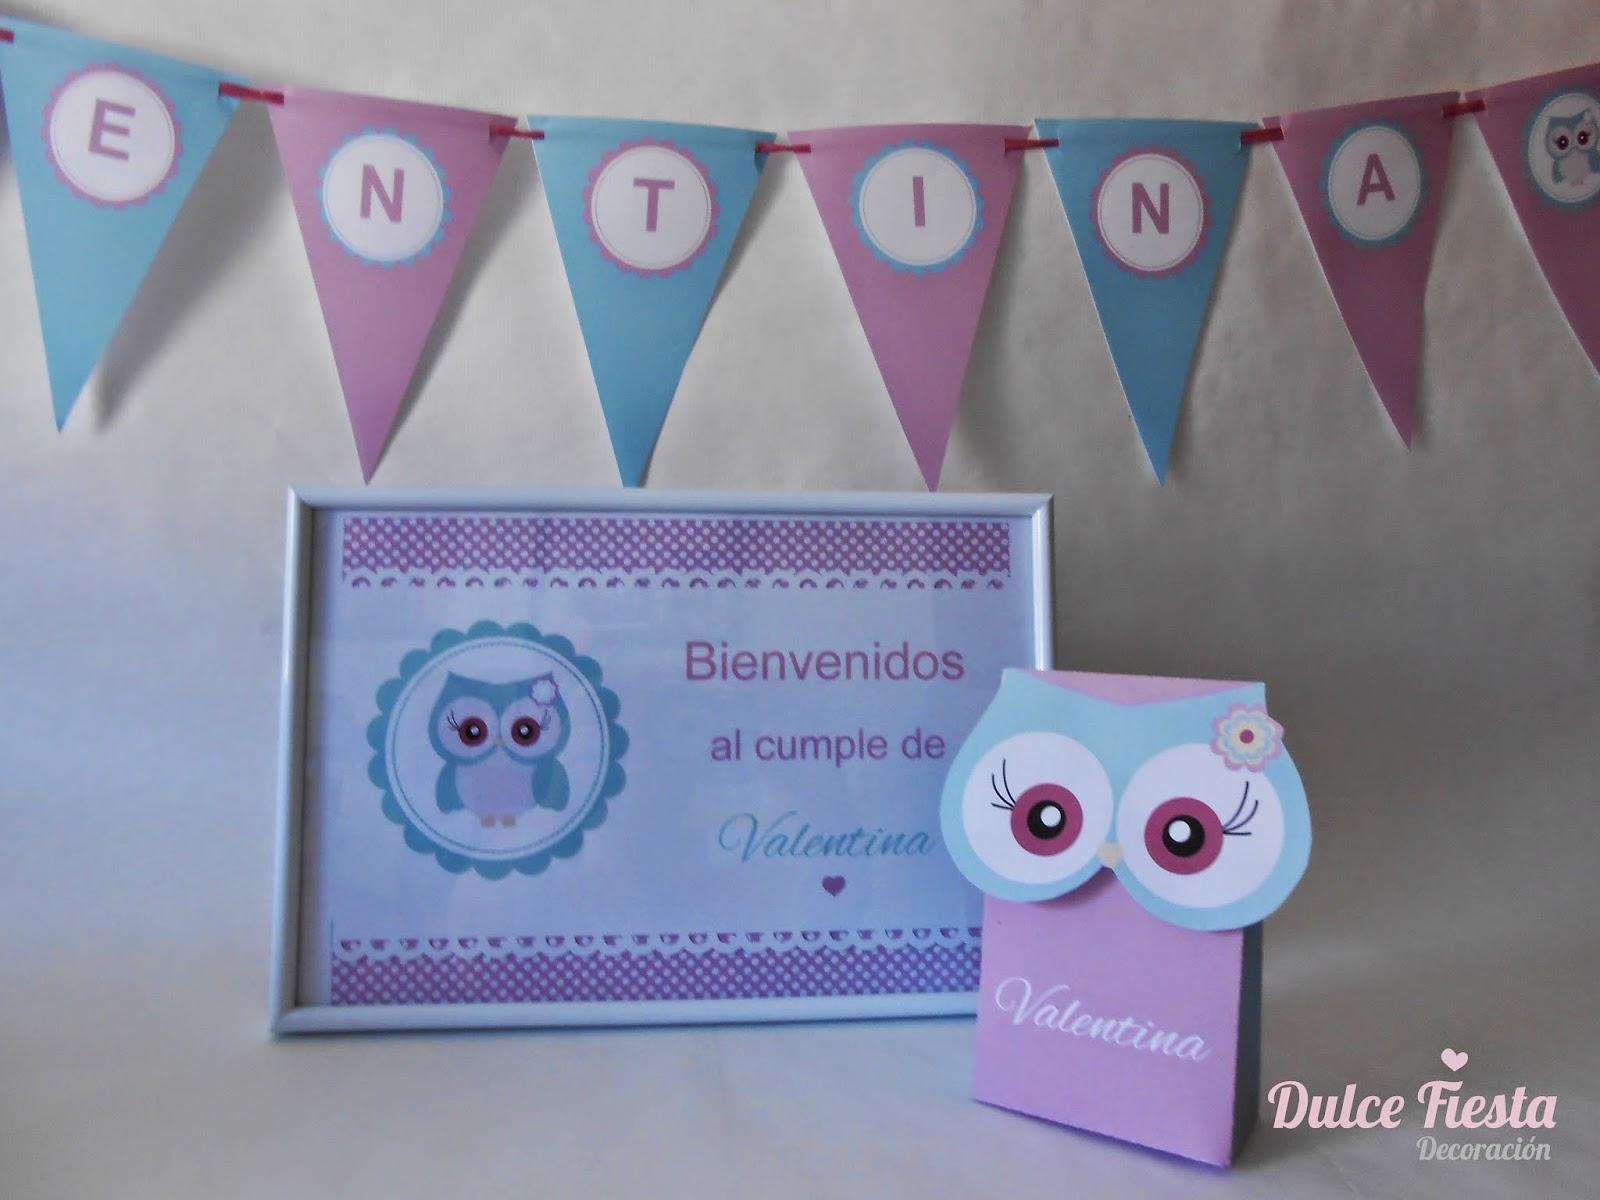 Kit imprimible cartel de bienvenidos e invitaciones de cumpleaños